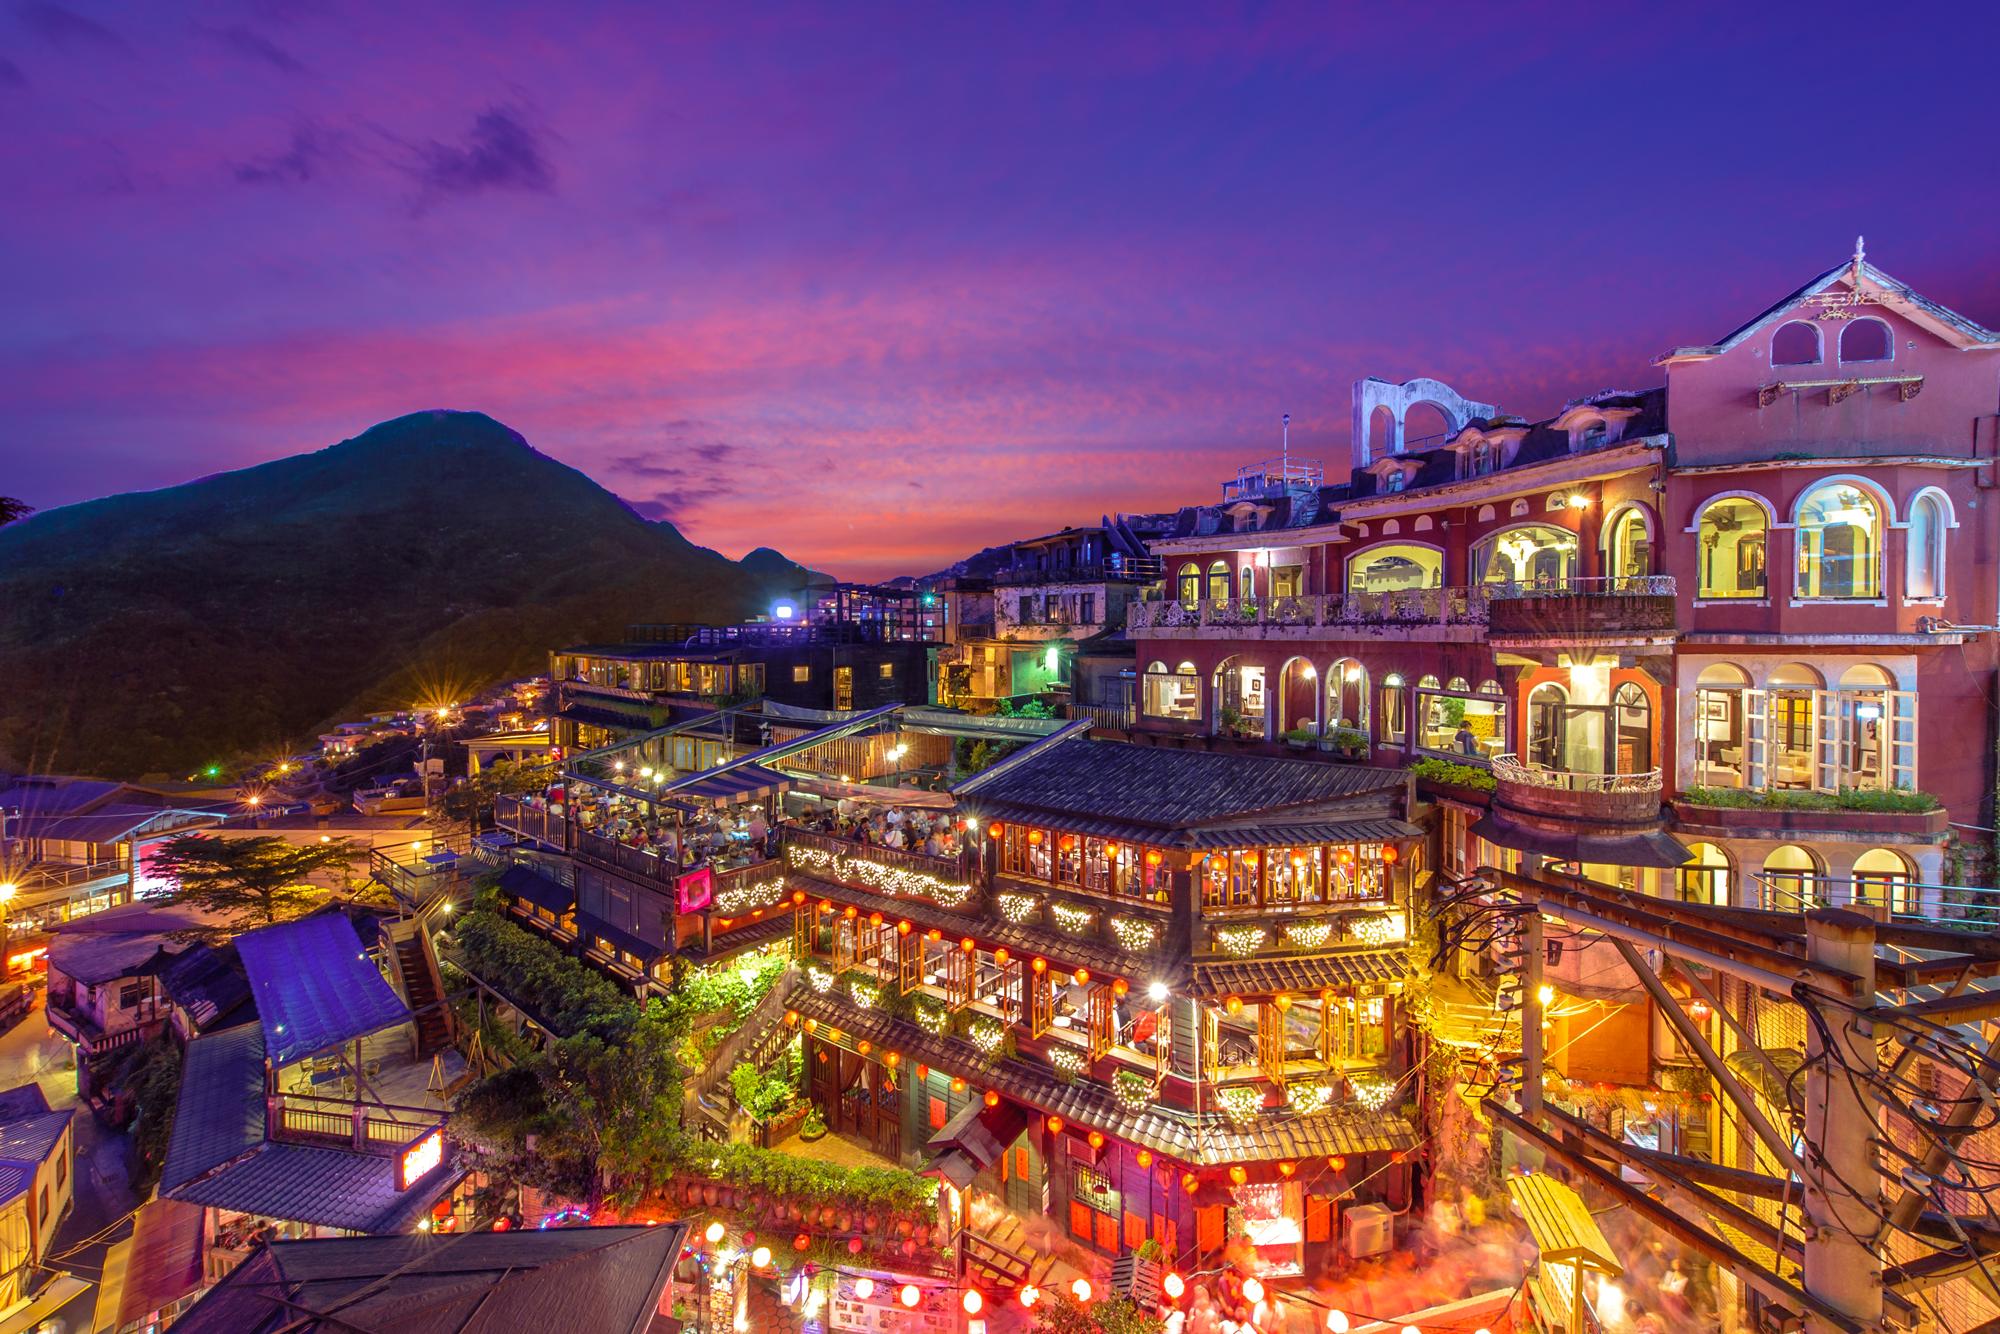 night scene of Jioufen village, Taipei, Taiwan